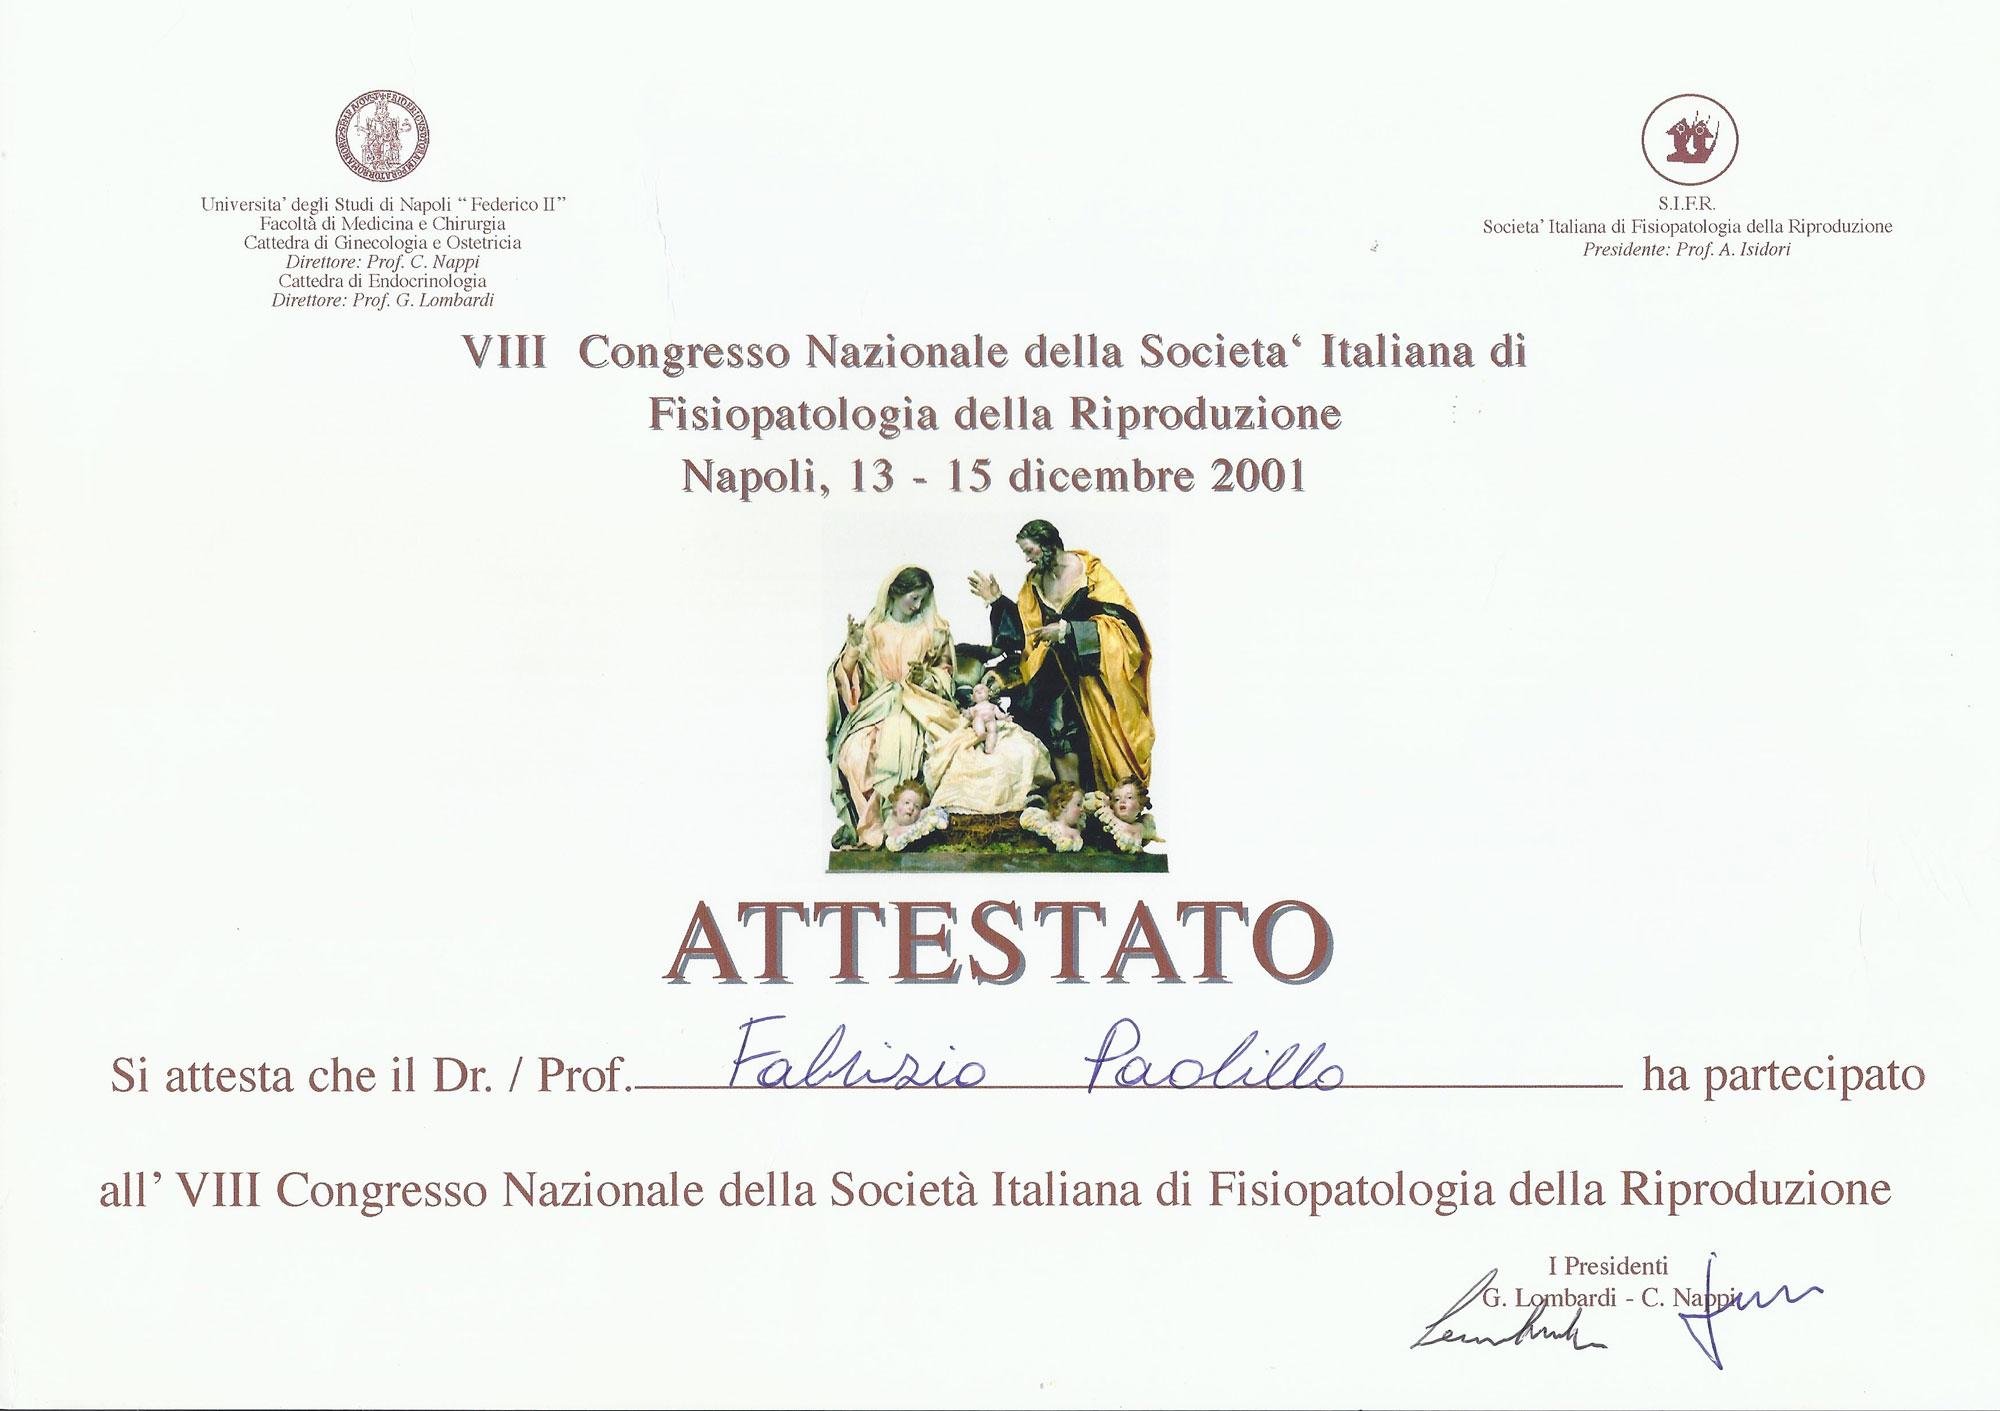 VIII Congresso Nazionale della Società Italiana di Fisiopatologia della Riproduzione